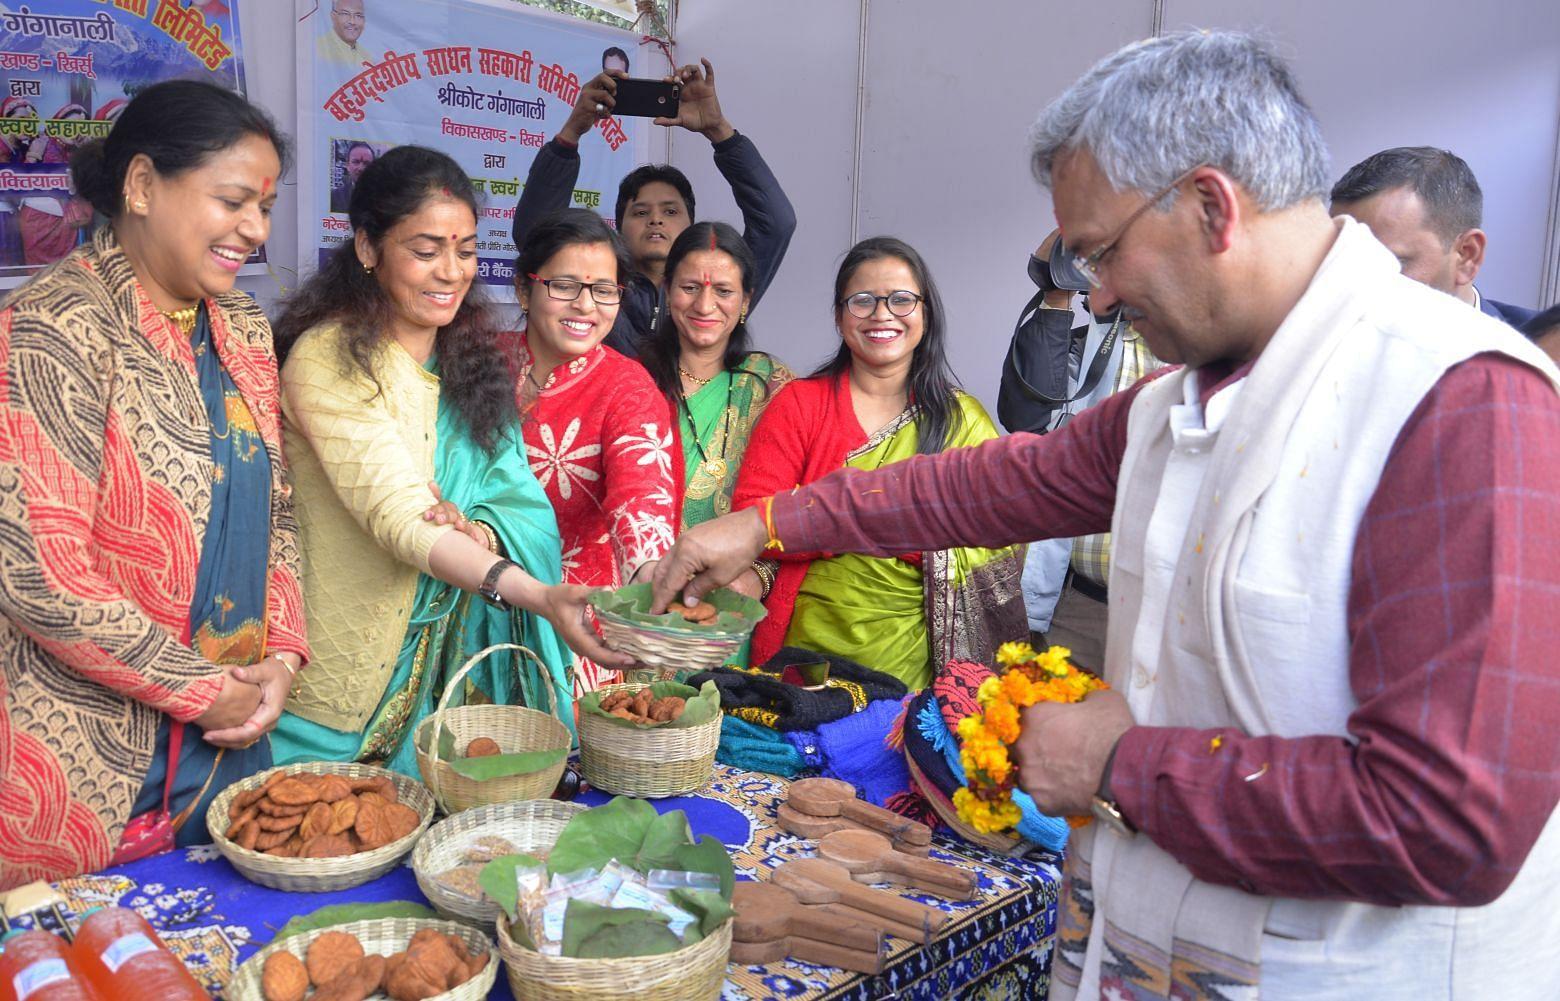 श्रीनगर मे सरस मेले के शुभारंभ मौके पर स्वयं सहायता समूह के उत्पादो का निरीक्षण करते  मुख्यमंत्र?